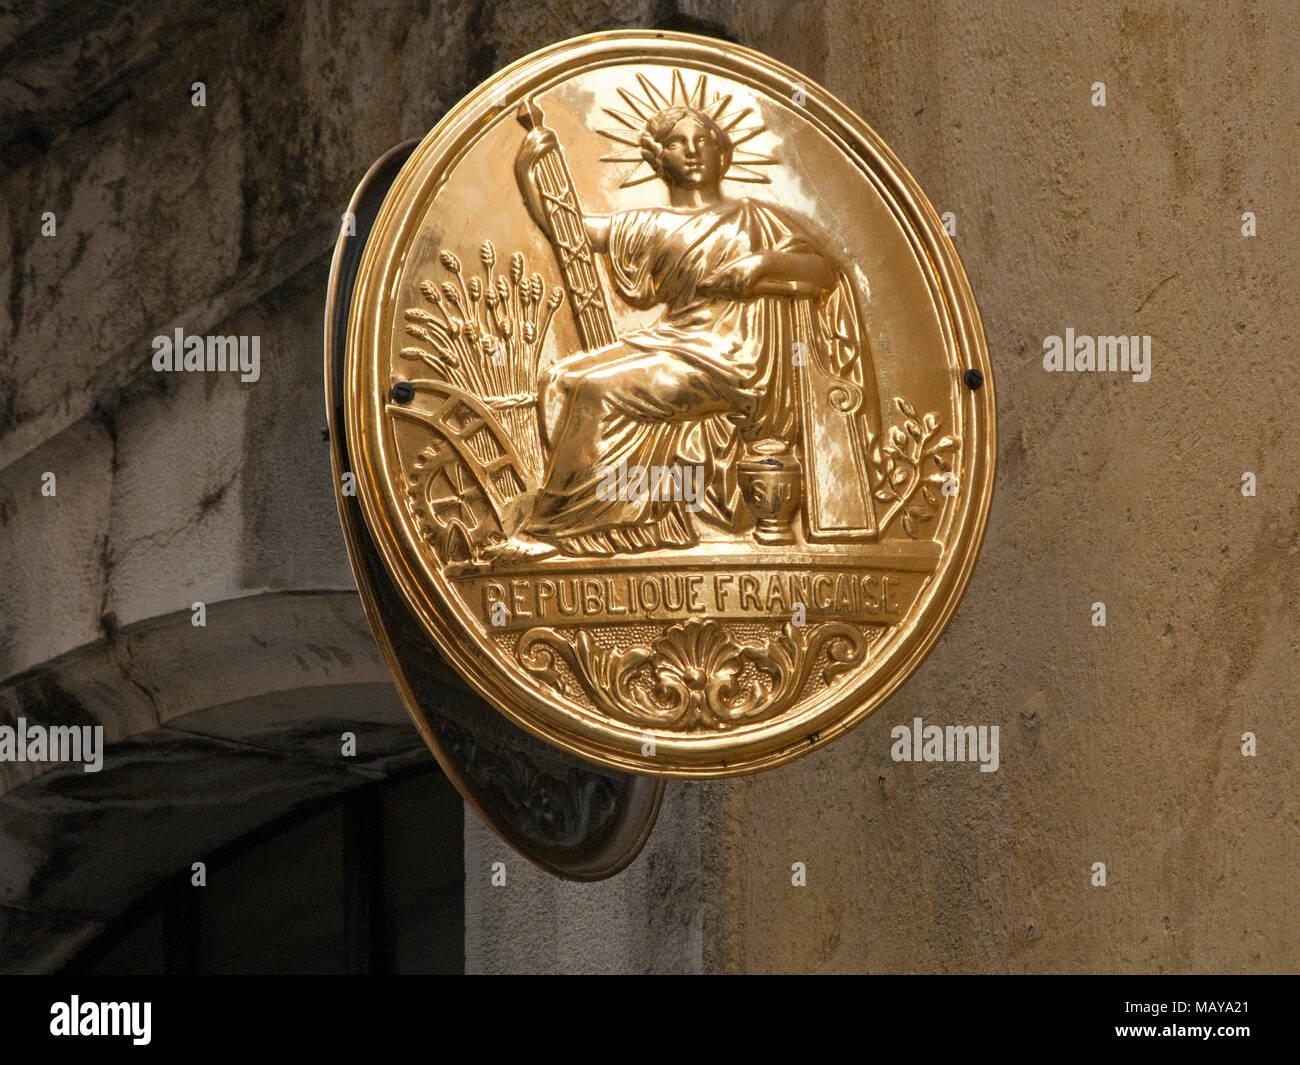 Golden national emblem at entrance of Musee Provencal du Costume et du Bijou, Grasse, Alpes-Maritimes, South France, France, Europe - Stock Image